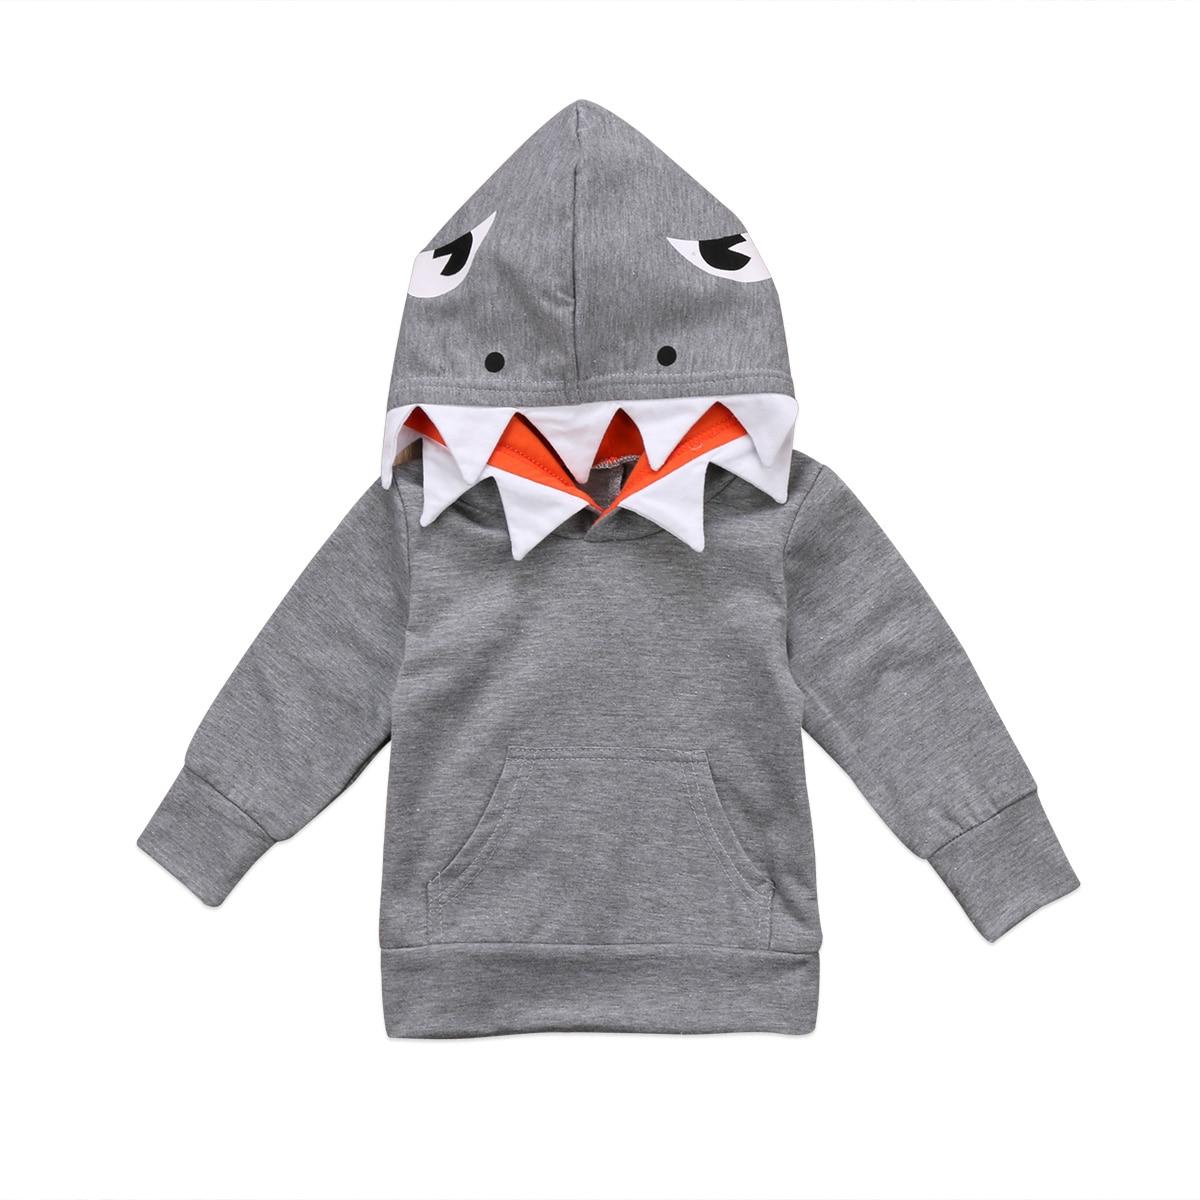 Hoodies Shark Long-Sleeve Sweateshirt Newborn Toddler Girl Kids Children Outwear Boy